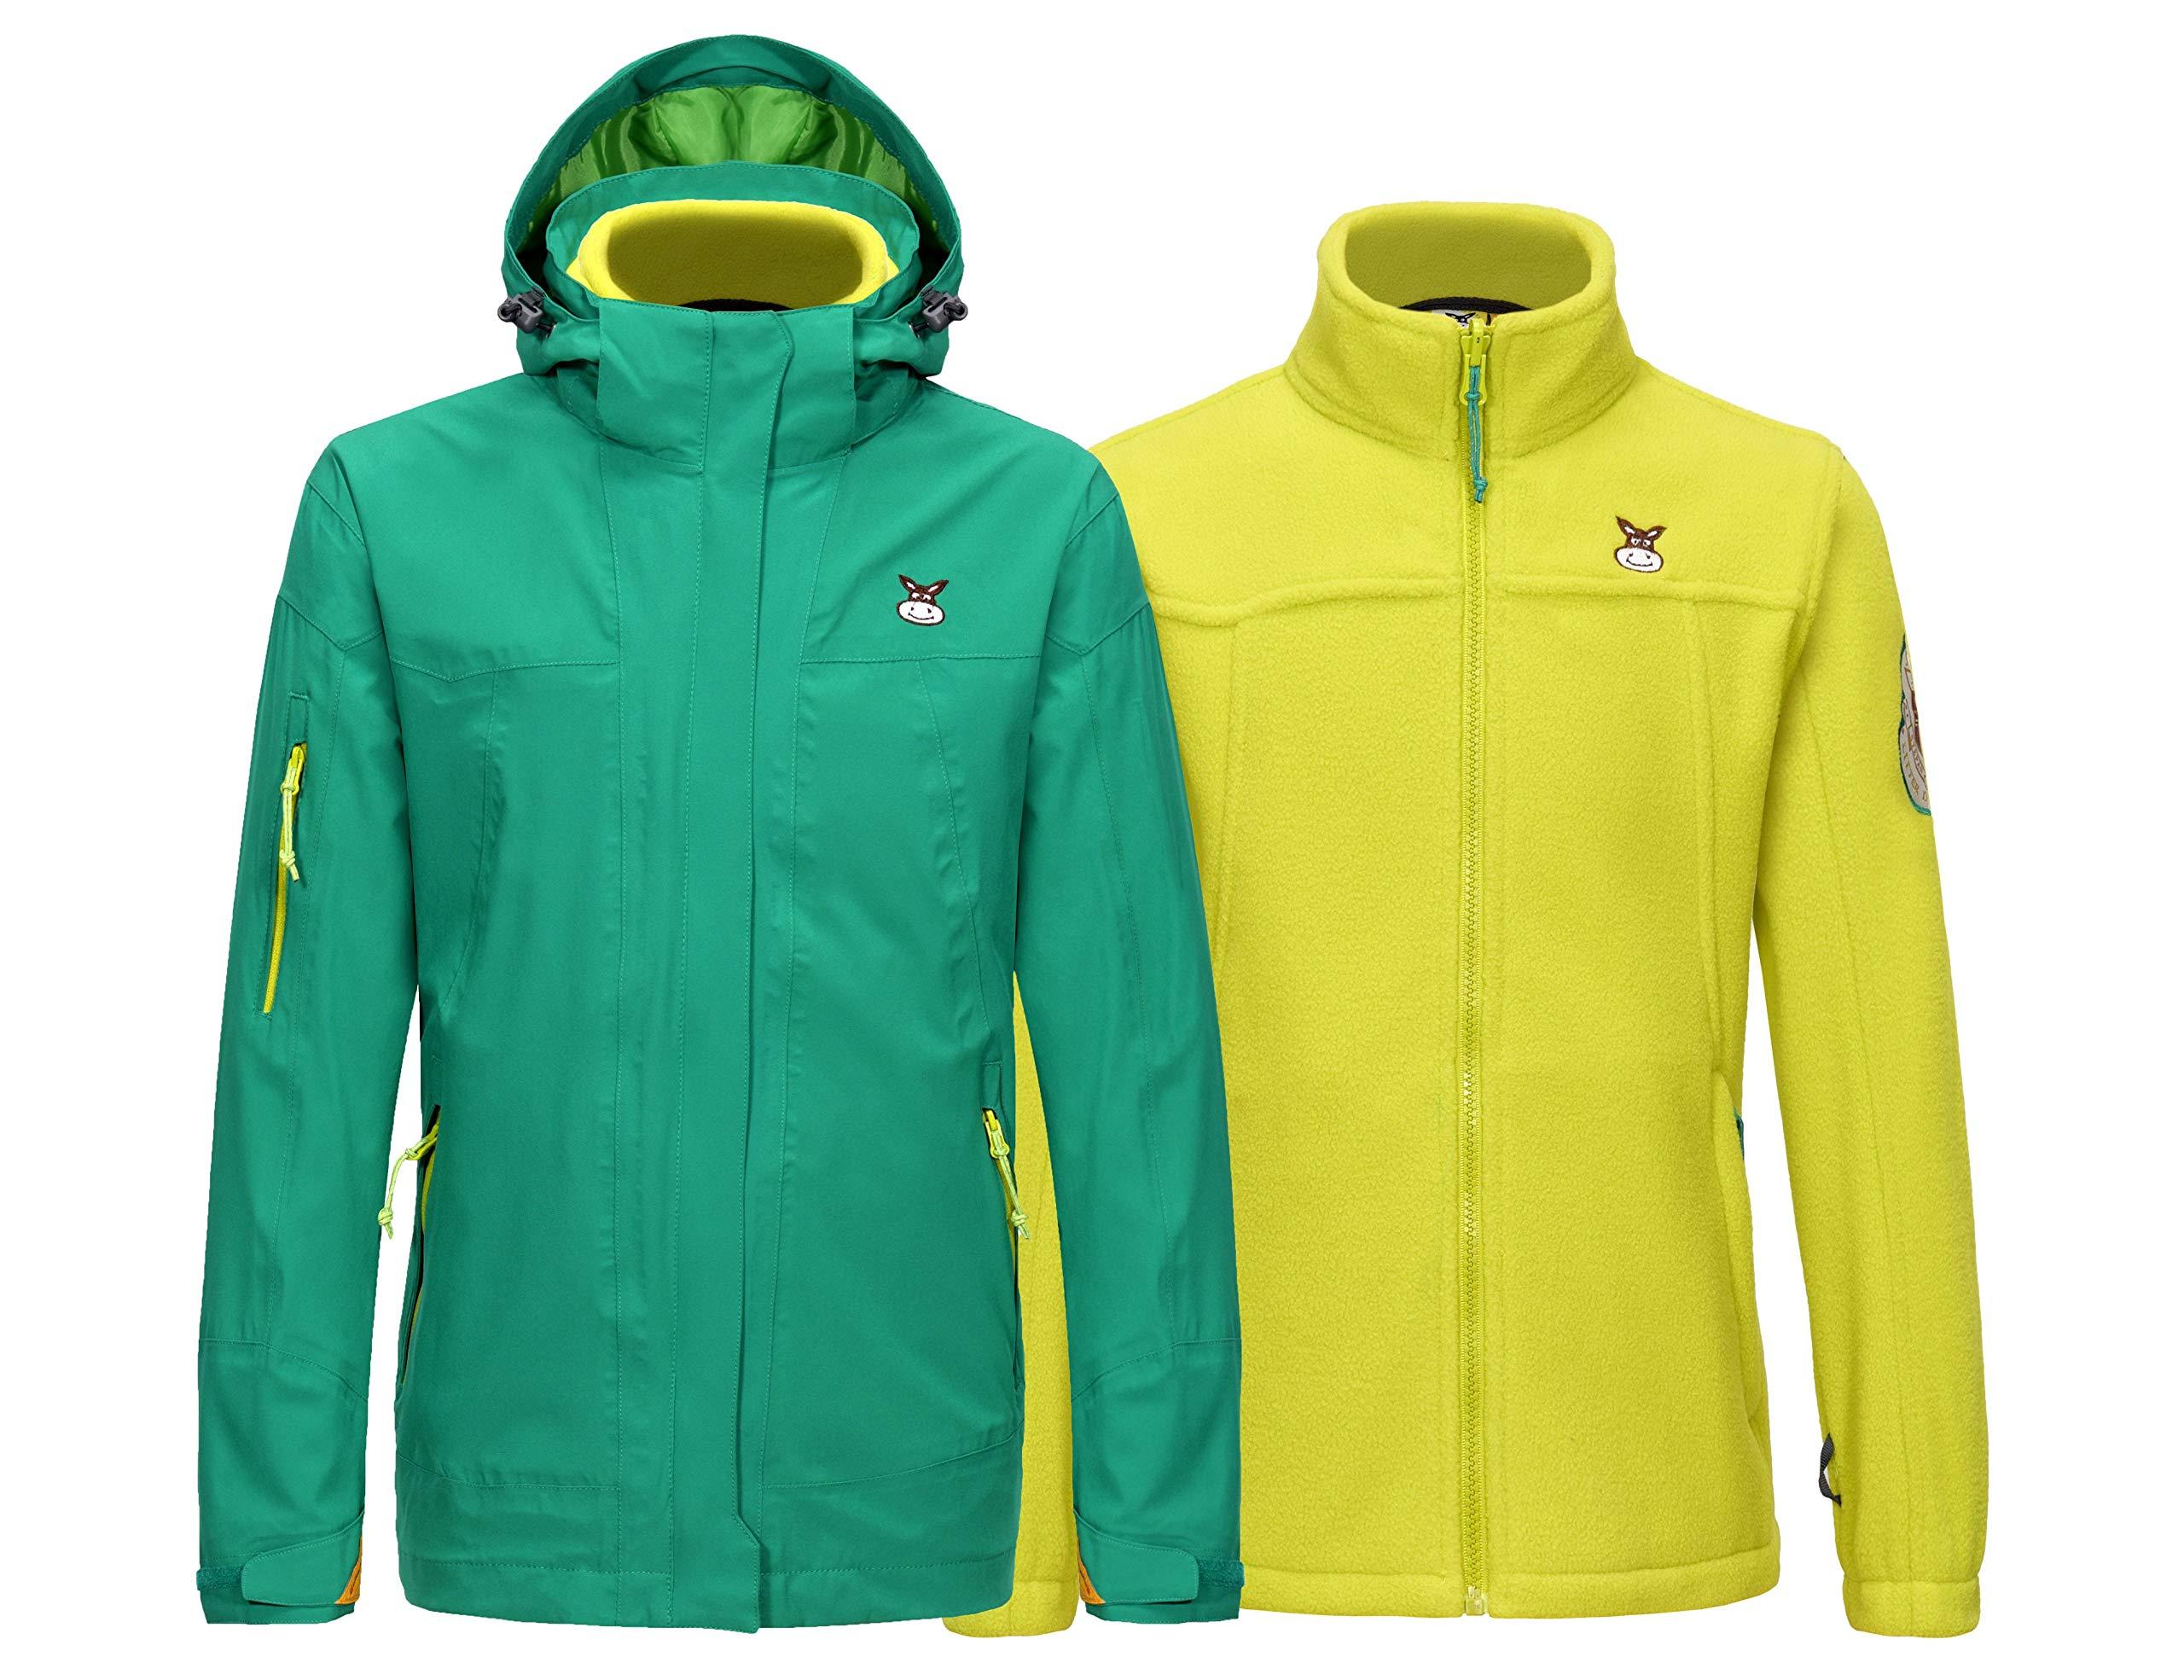 Little Donkey Andy Boys' Girls' 3-in-1 Winter Interchange Ski Jacket Fleece Lined Shell Coats, Waterproof & Windproof Green 140 by Little Donkey Andy